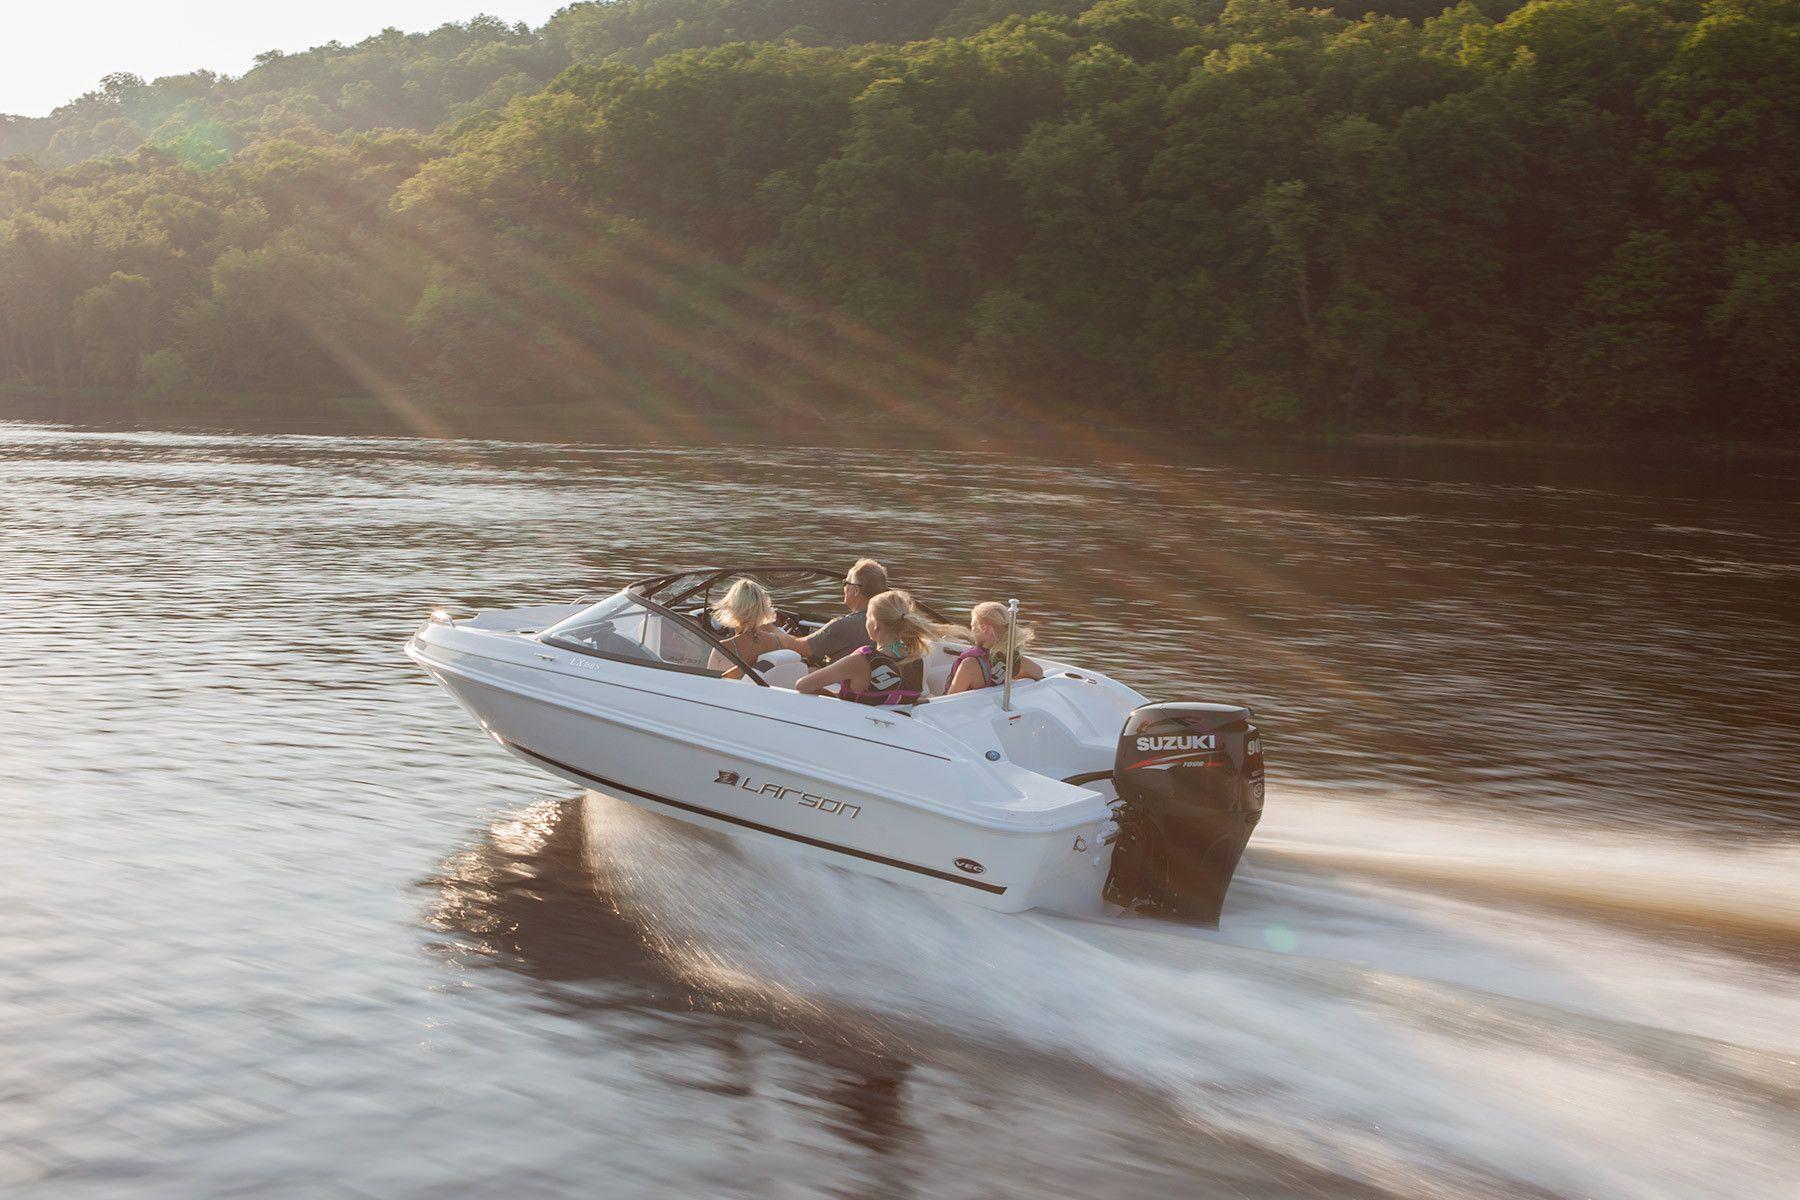 Client: Larson Boats